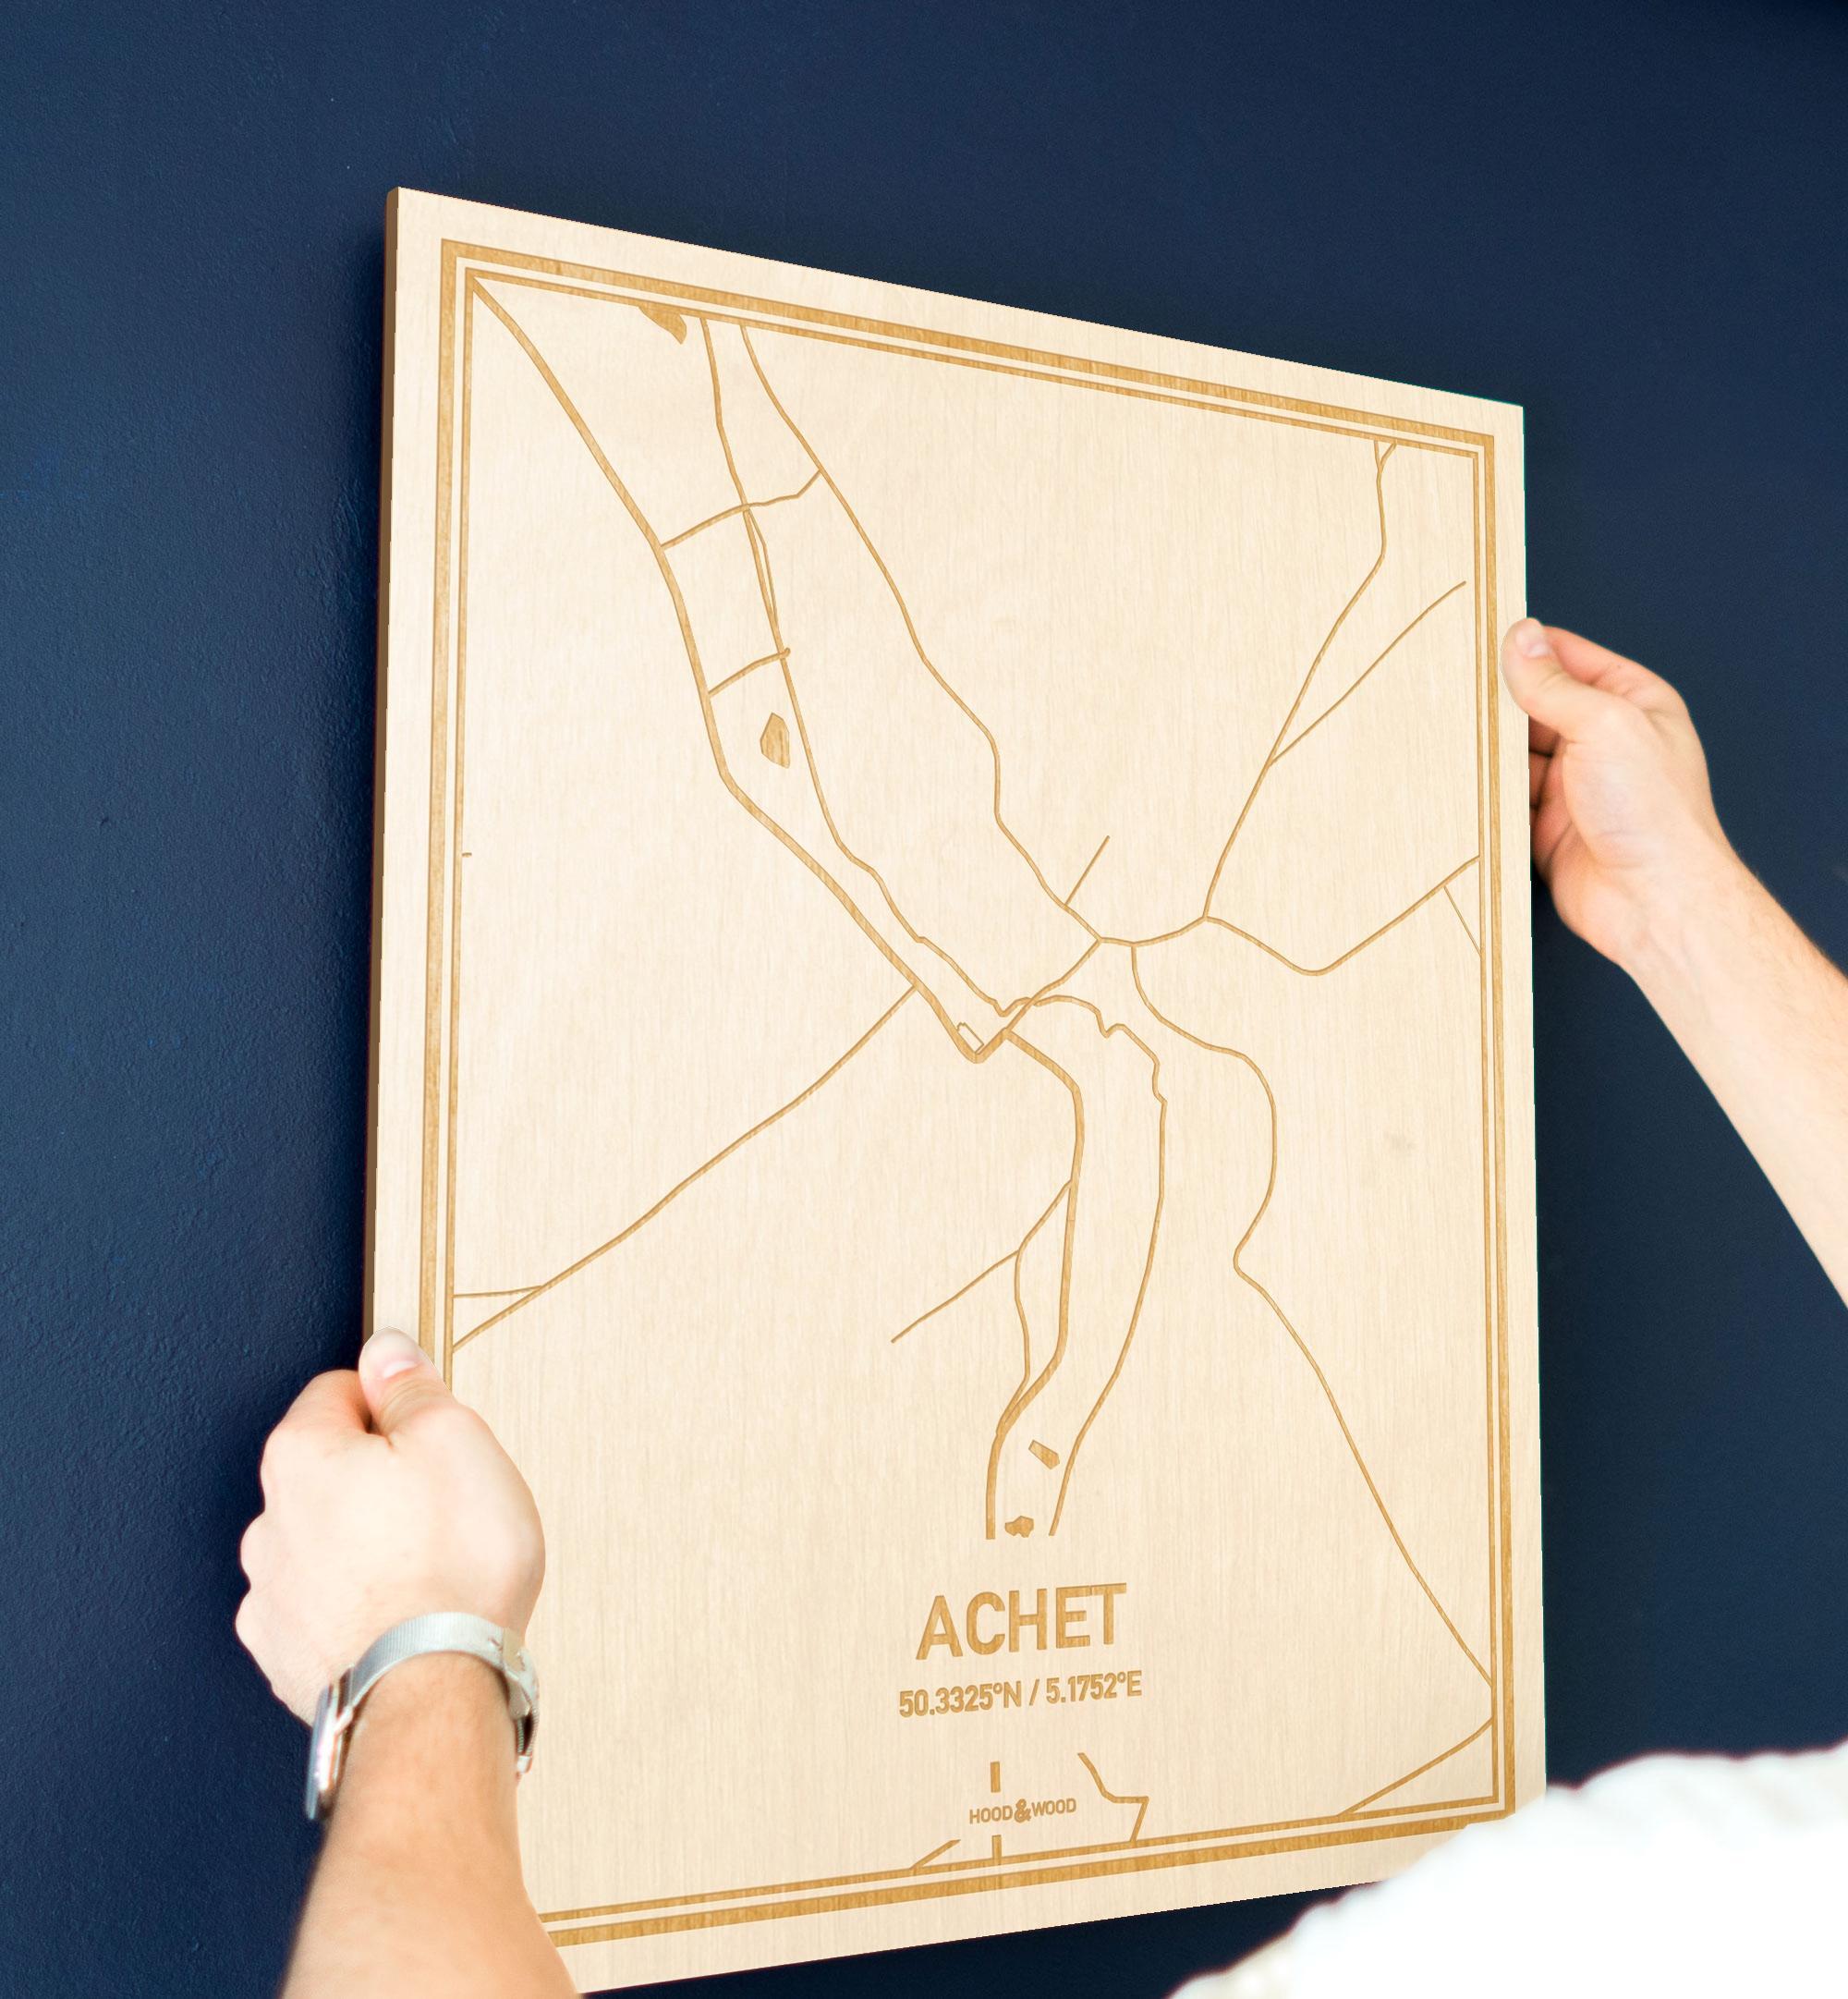 Een man hangt de houten plattegrond Achet aan zijn blauwe muur ter decoratie. Je ziet alleen zijn handen de kaart van deze originele in Namen vasthouden.